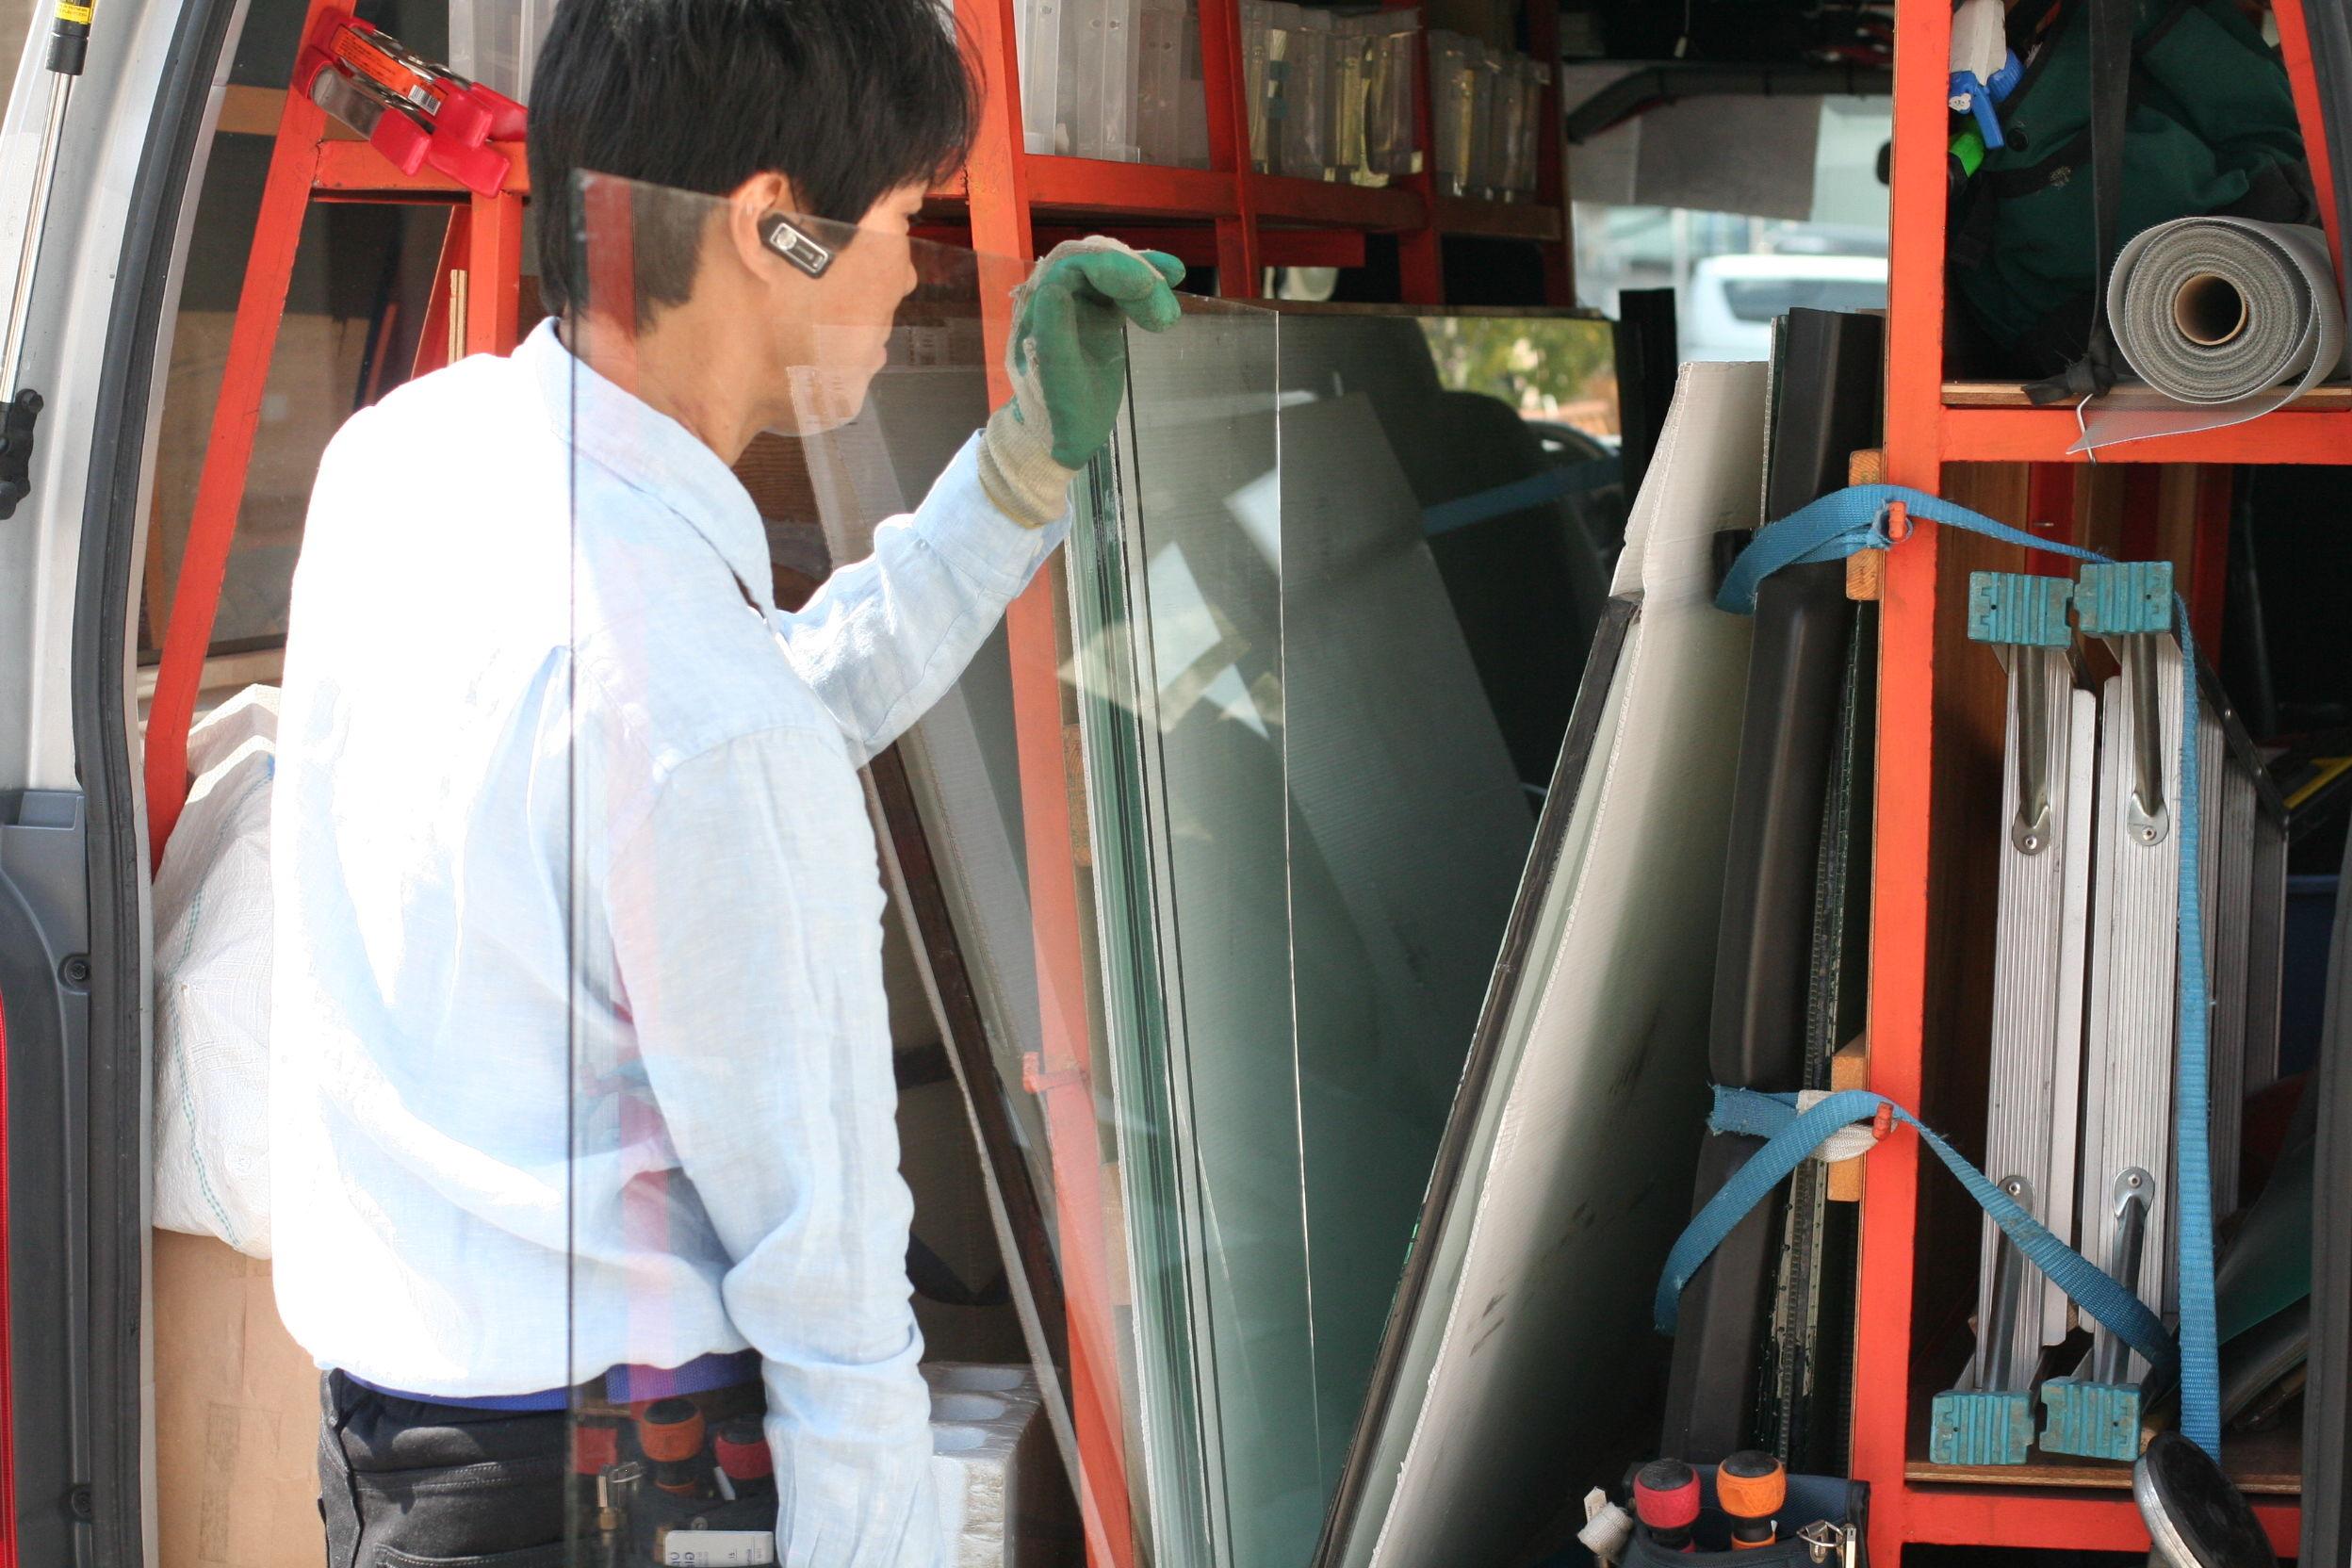 ガラスのトラブル救Q隊.24【京都市伏見区 出張エリア】のメイン画像